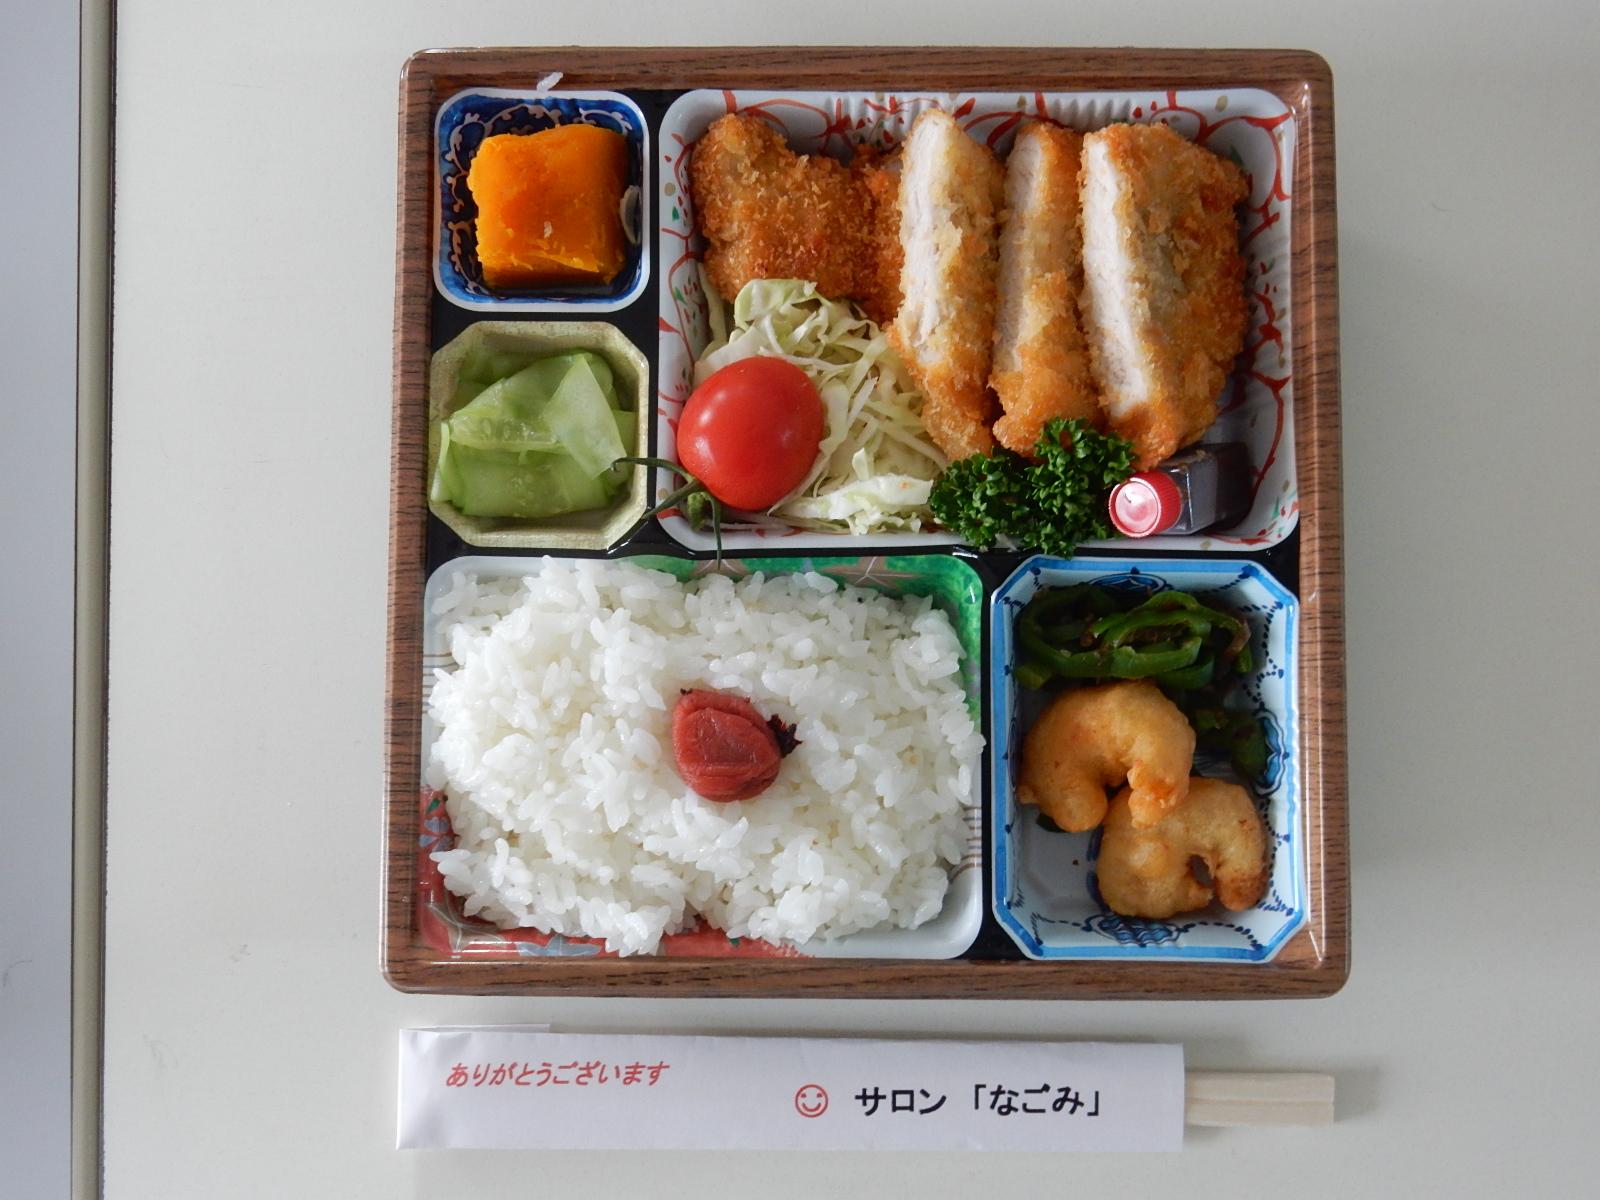 「サロンなごみ」本日の日替わり特別メニュー!(8/23)